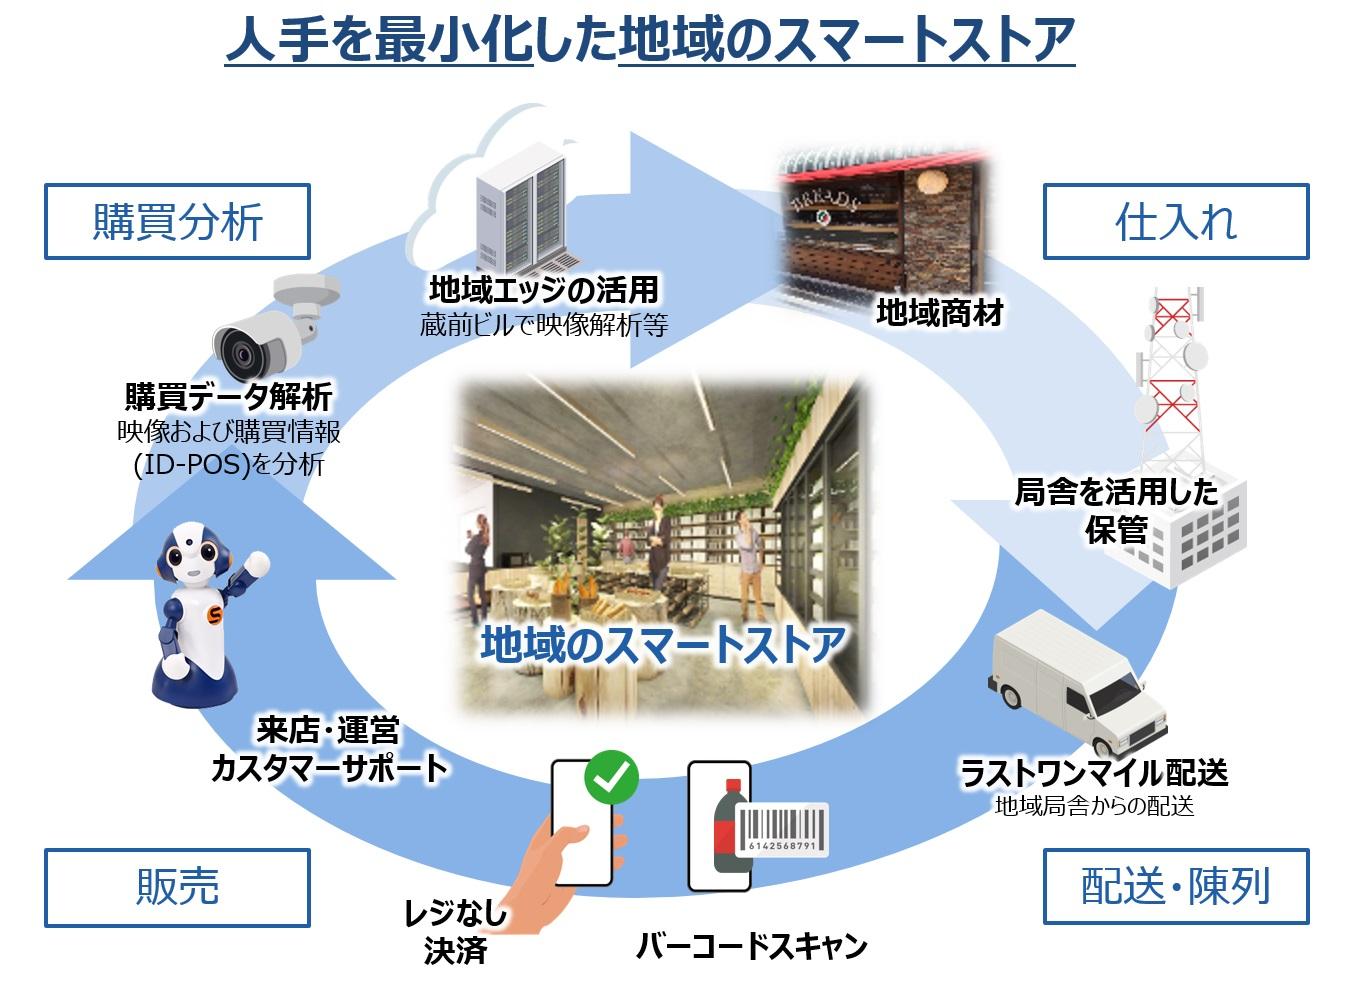 人出を最小化した地域のスマートストア運用イメージ